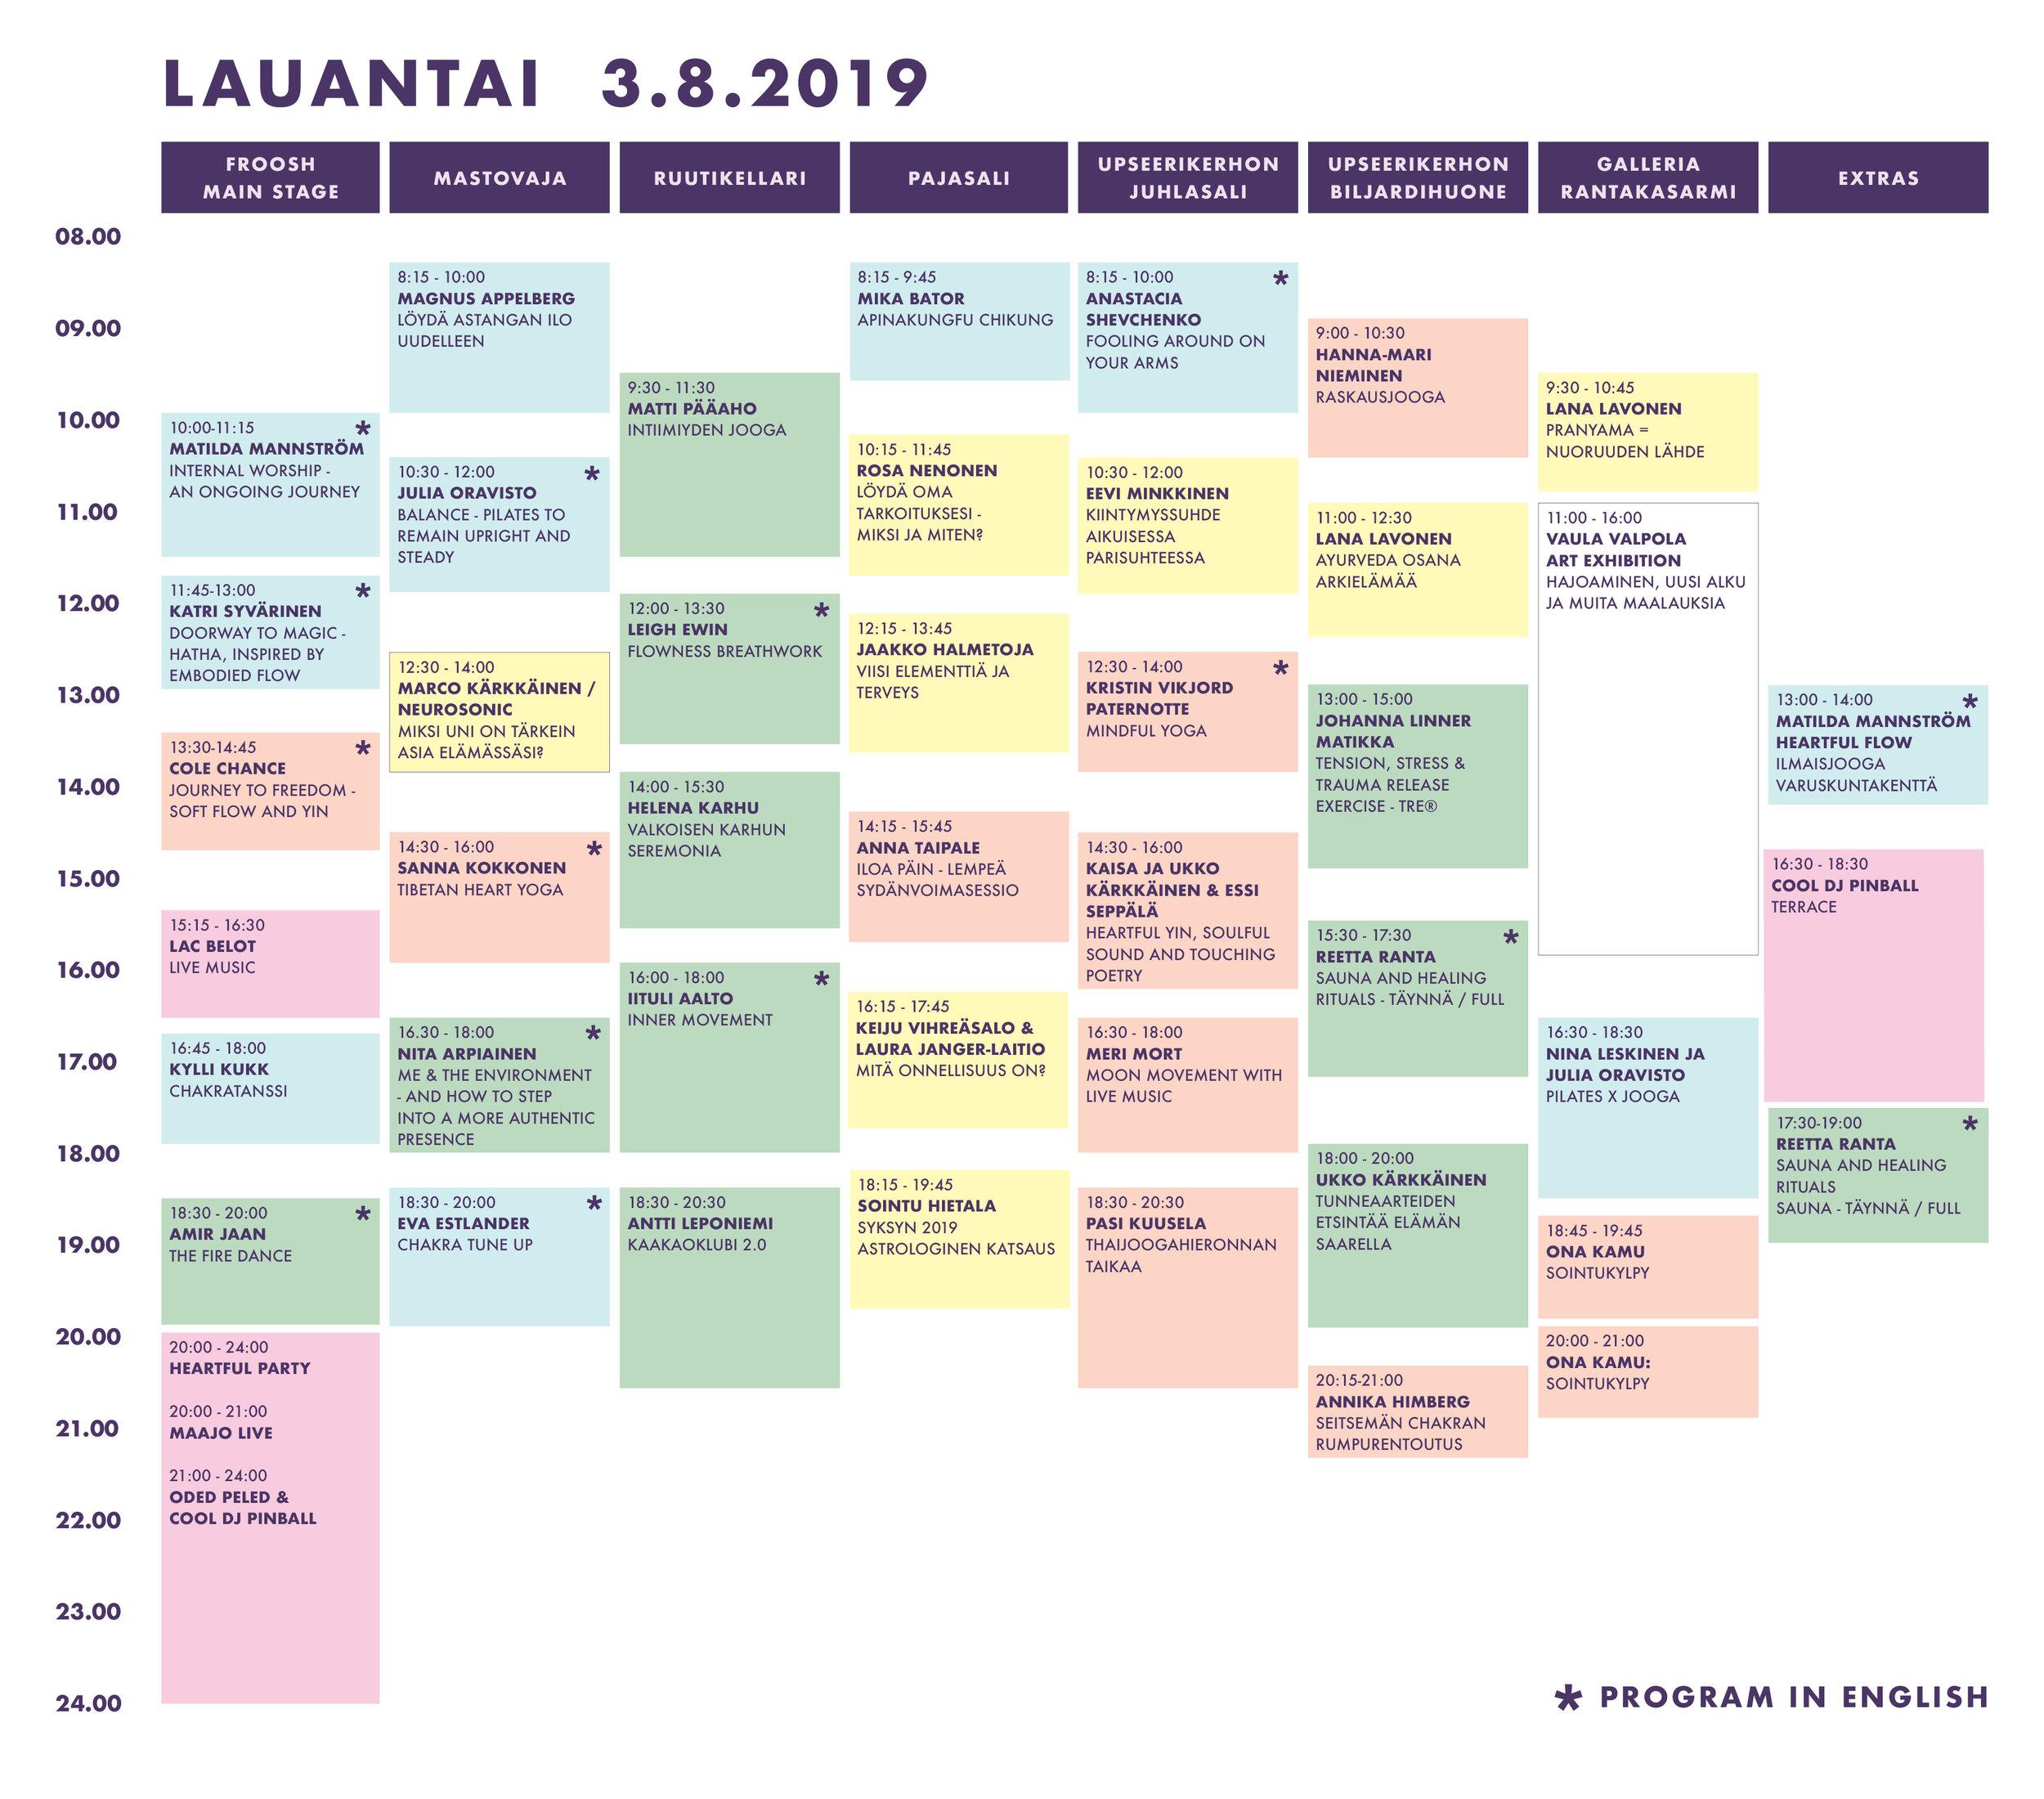 Lauantai Program big_23_62.jpg